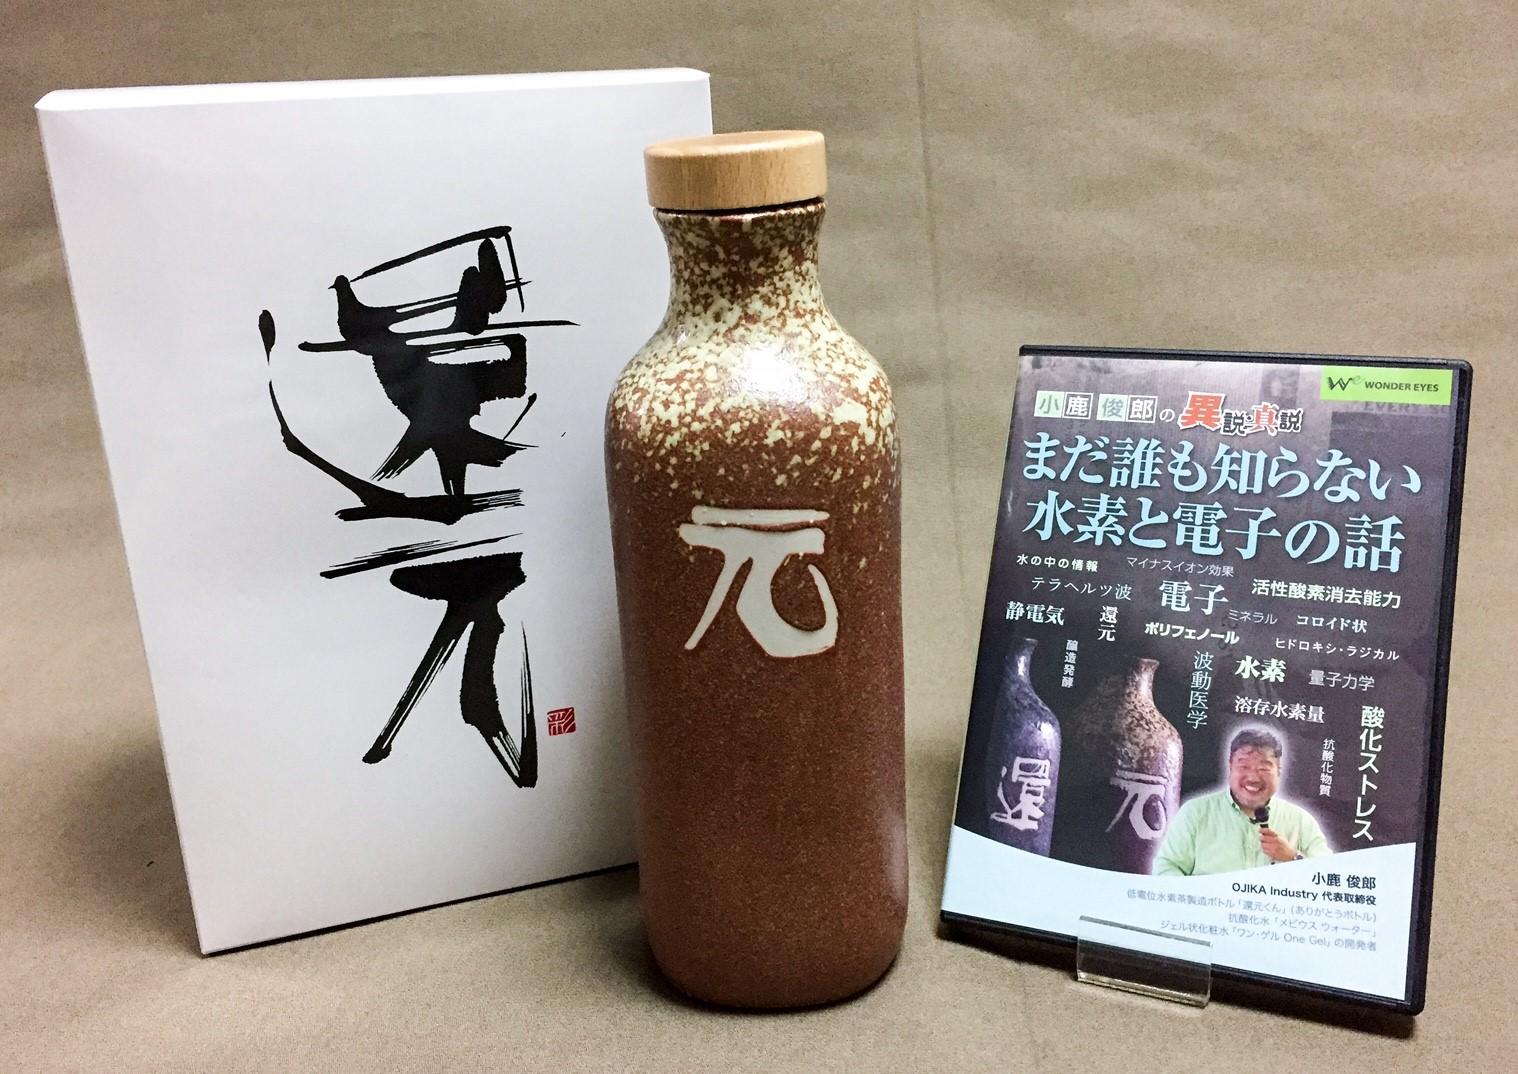 低電位水素茶製造ボトル「還元くん3」1本「元」+DVDサービス